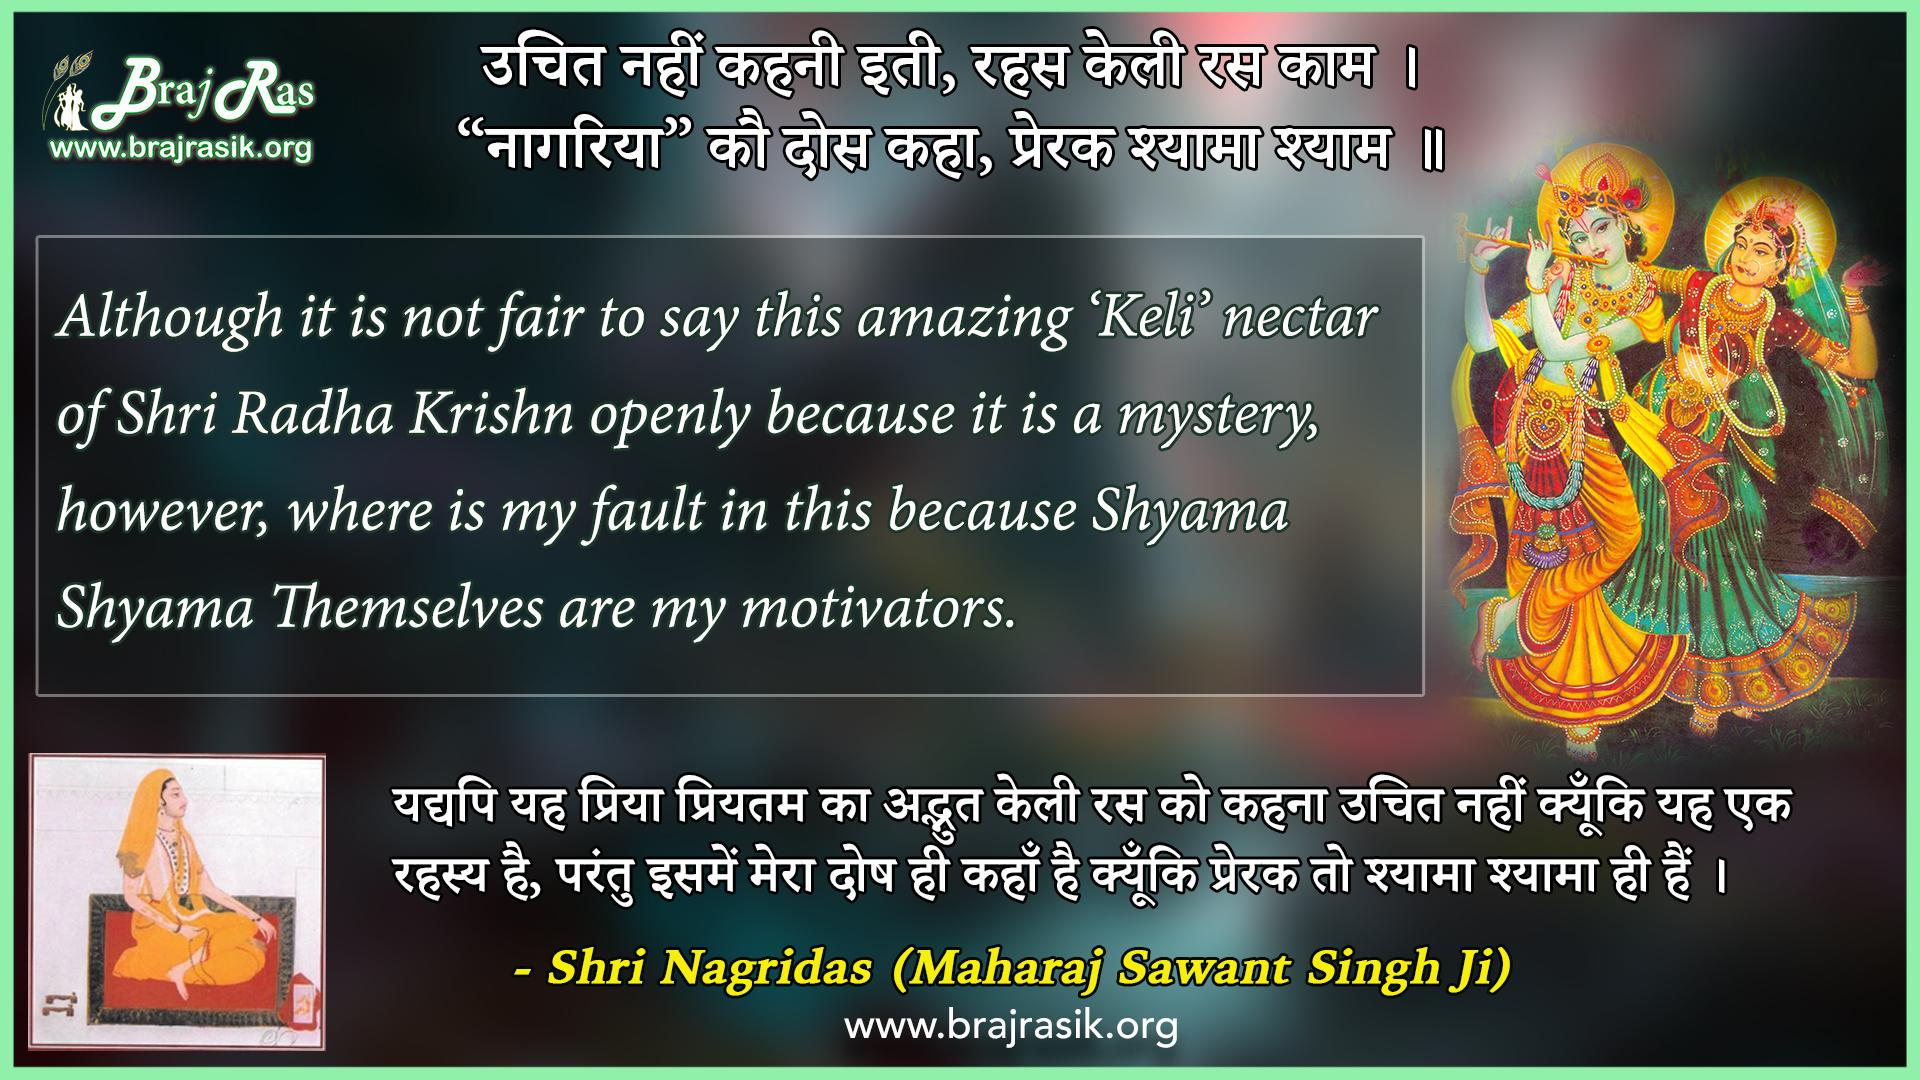 Uchit Nahin Kahni Iti, Ras Keli Ras Kaam - Shri Nagridas (Maharaj Sawant Singh Ji)